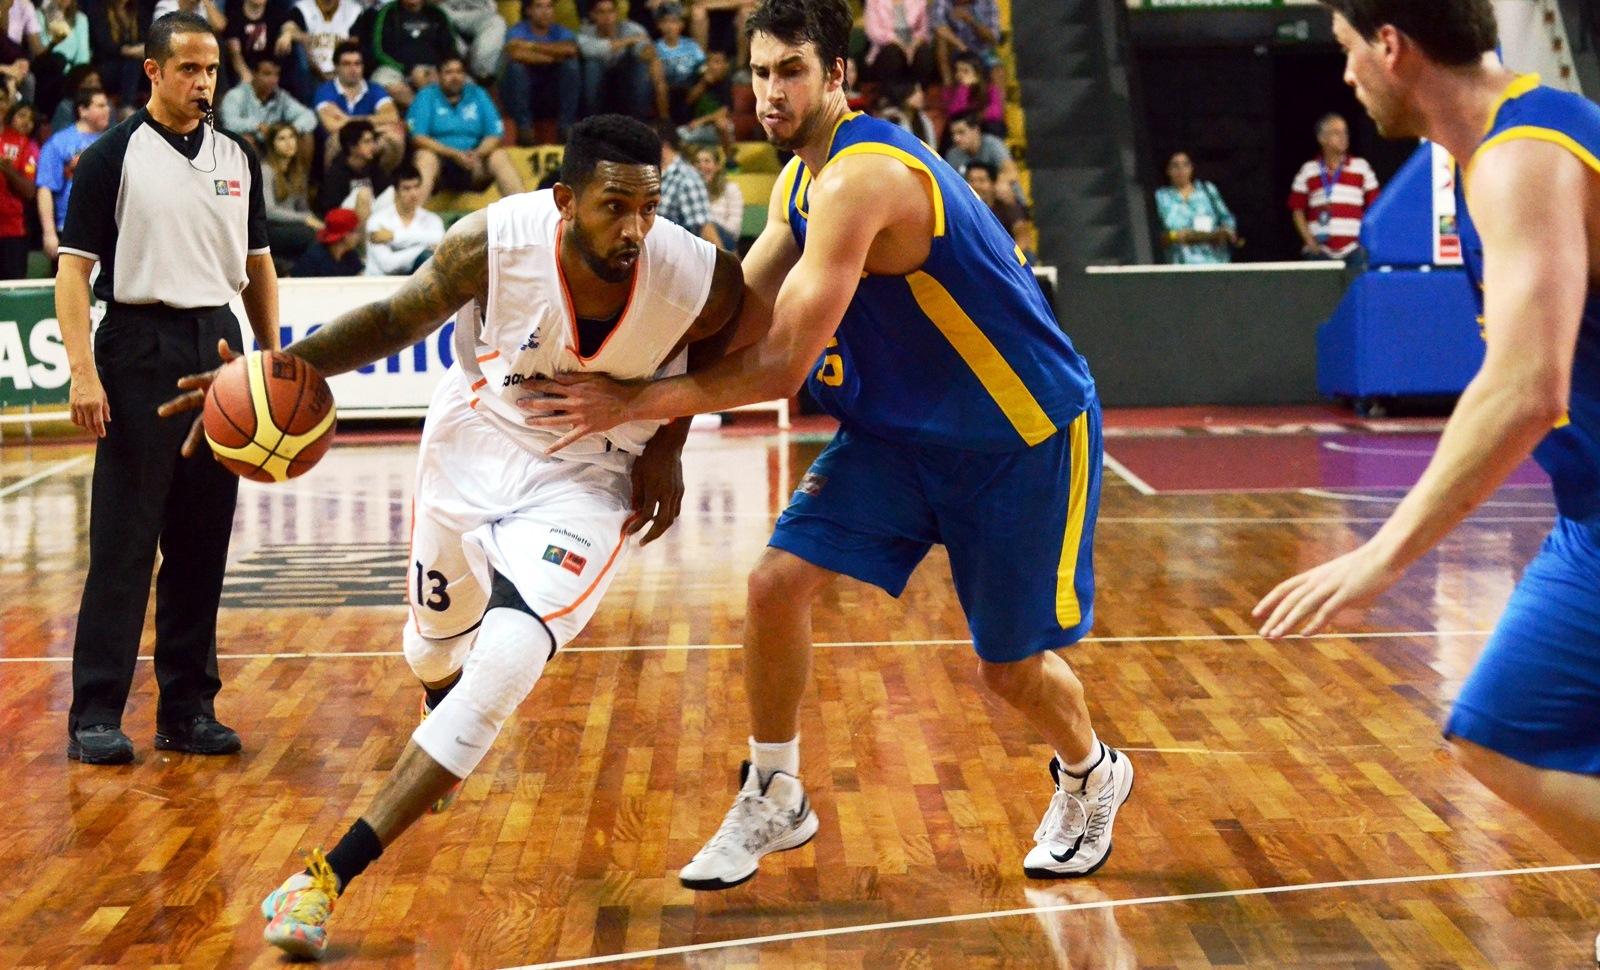 Recém-chegado ao Bauru, Ayarza teve uma boa estreia pela equipe (Caio Casagrande/Bauru Basket)